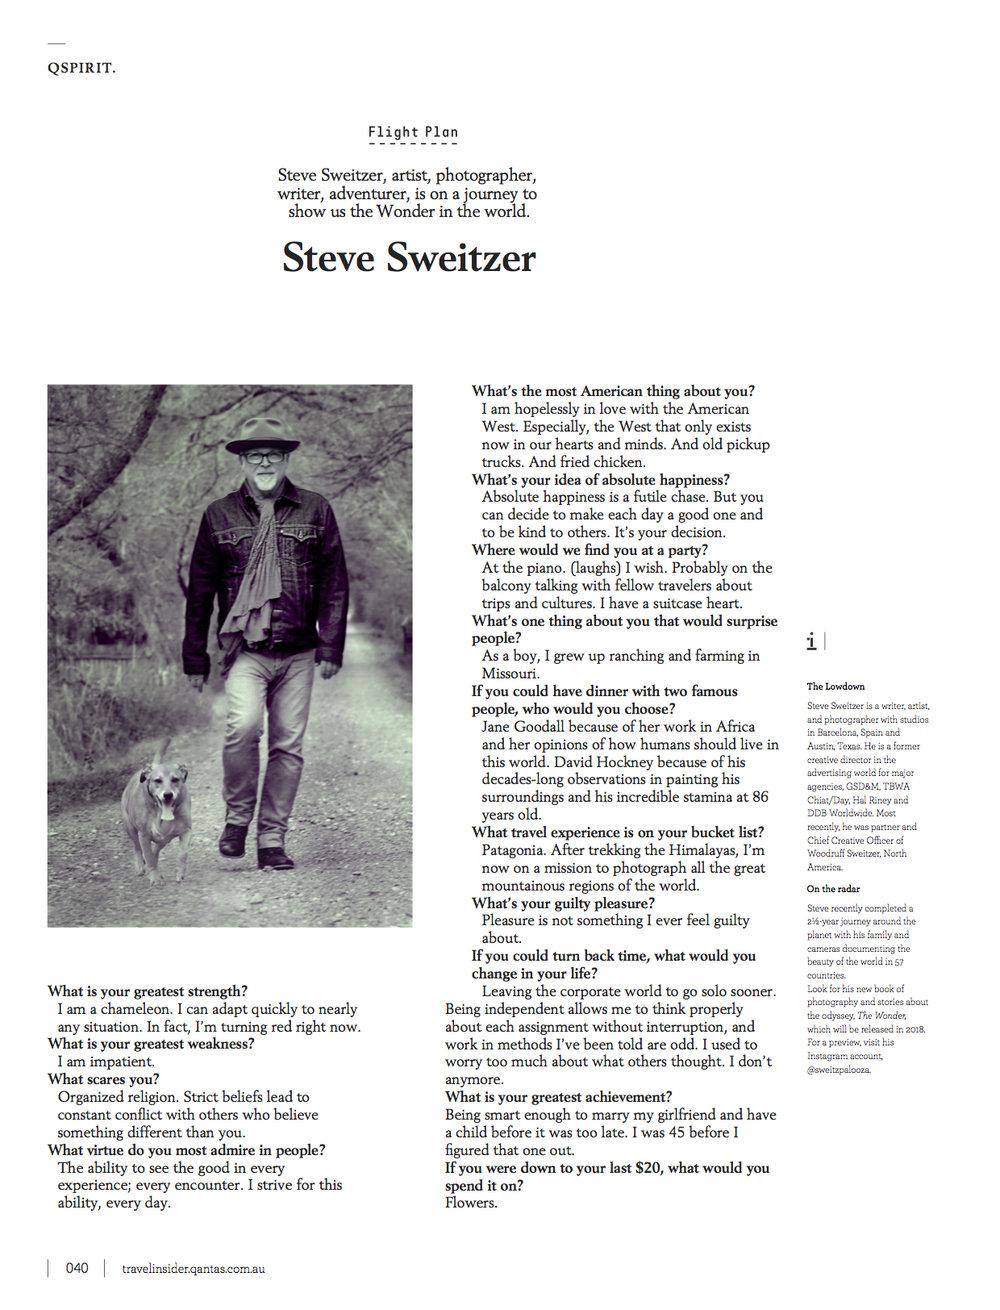 Qantas Traveler Profile: Steve Zweiter